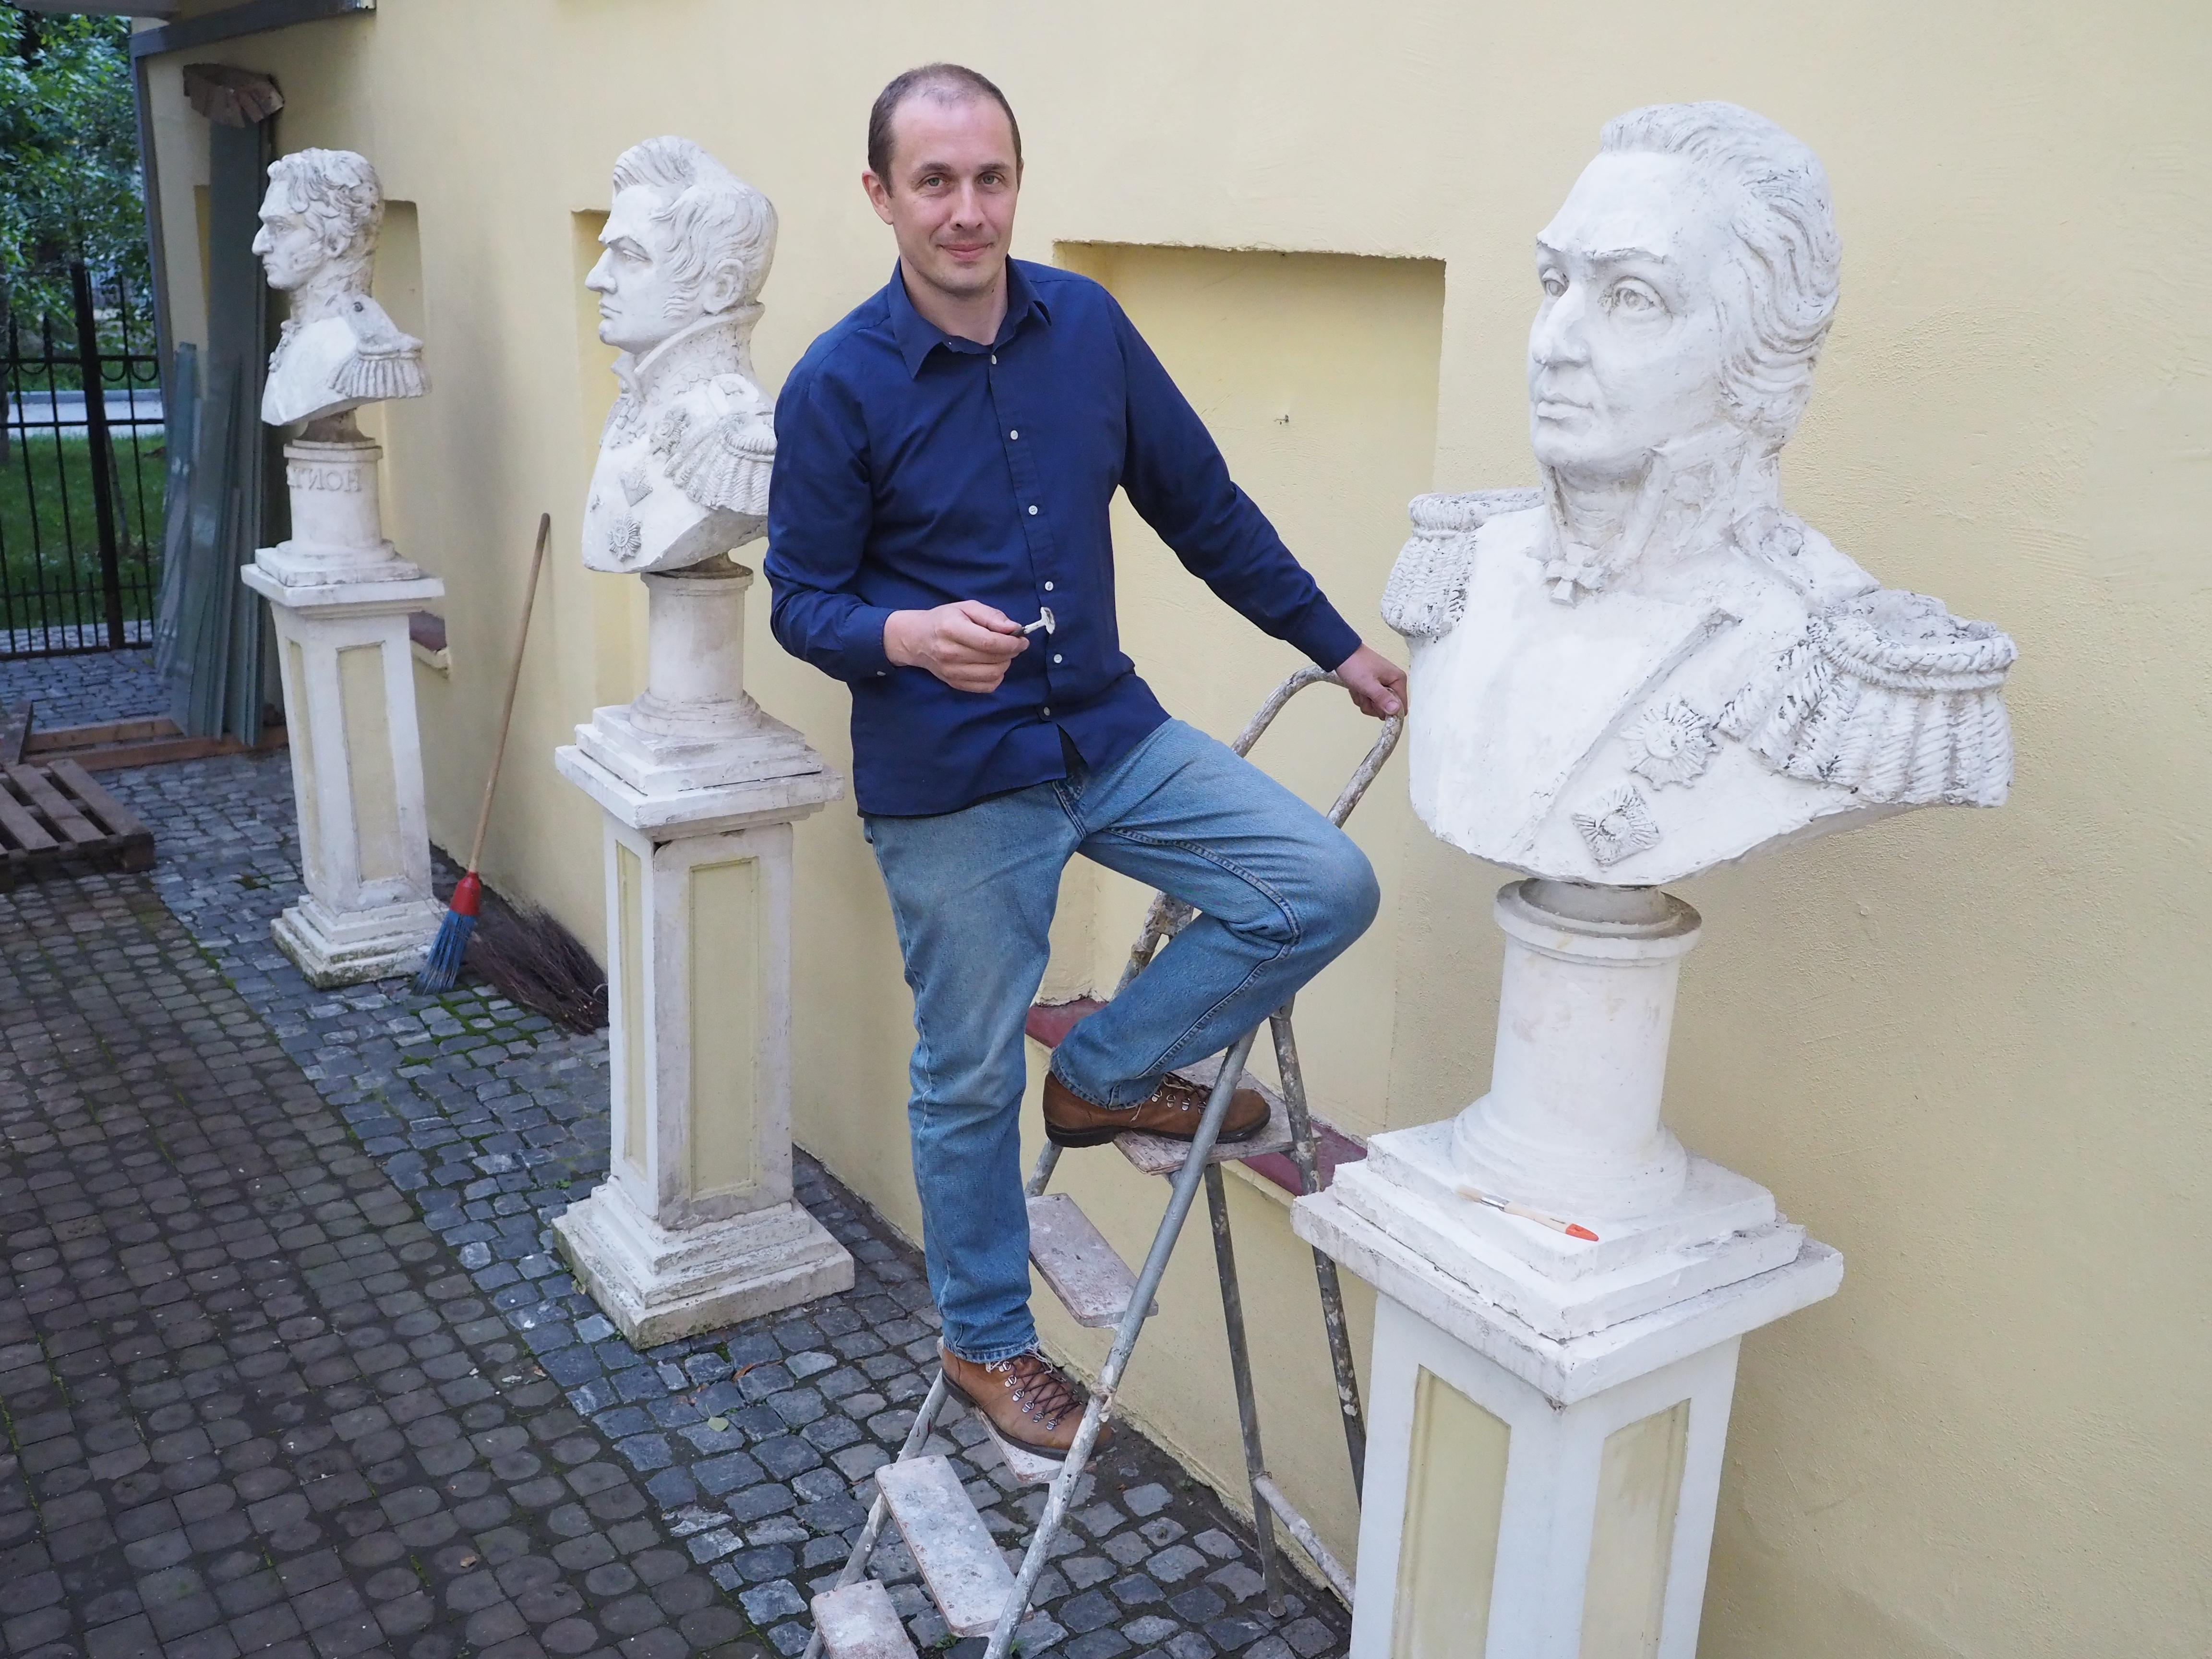 Скульптор Денис Петров со своими скульптурами / Сергей Шахиджанян, «Вечерняя Москва»